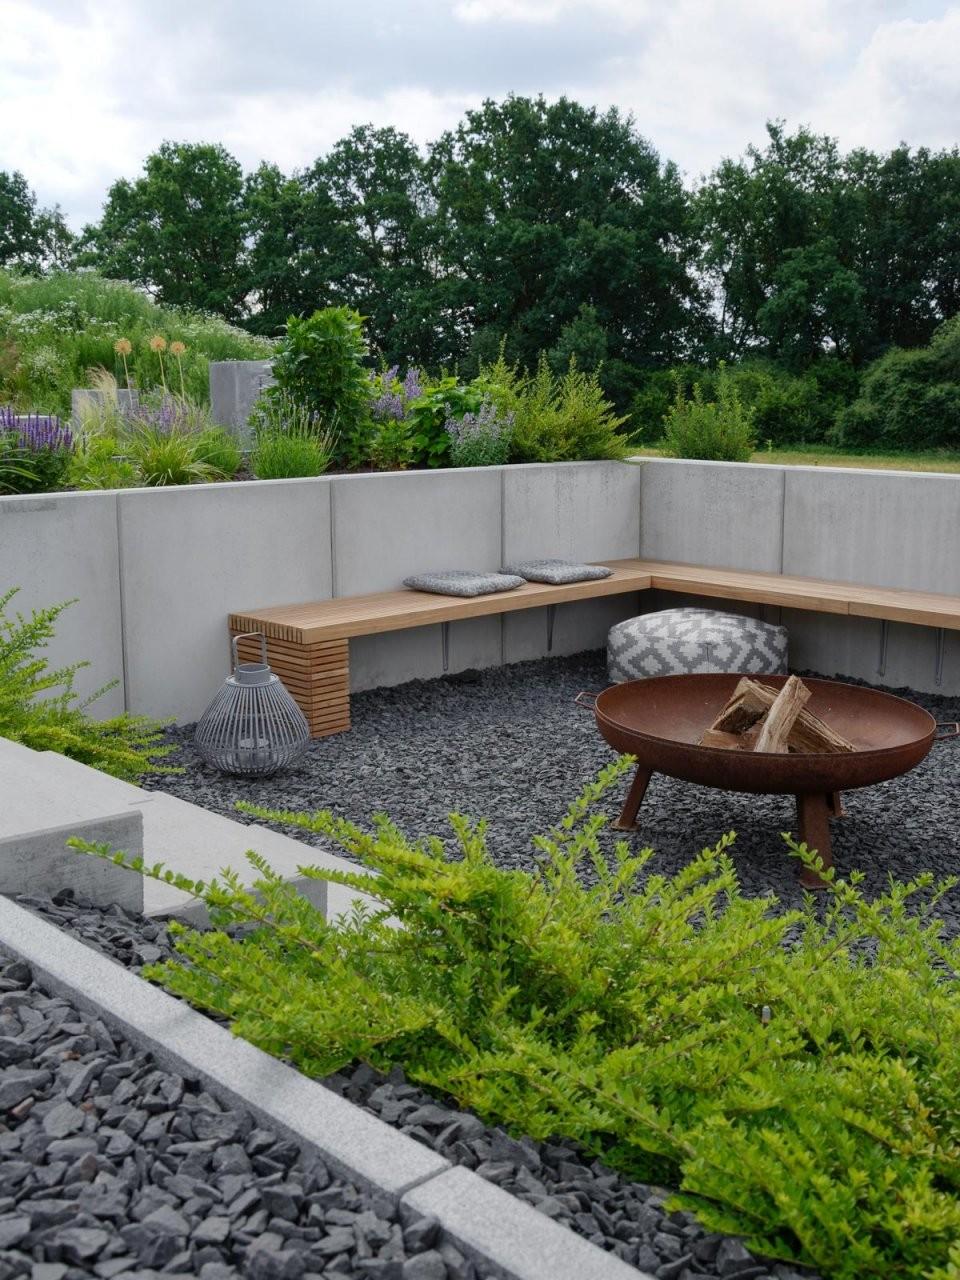 Garten  Die Neue Feuerstelle Und Lichtkonzept Im Garten  Mxliving von Feuerstelle Im Garten Bilder Bild